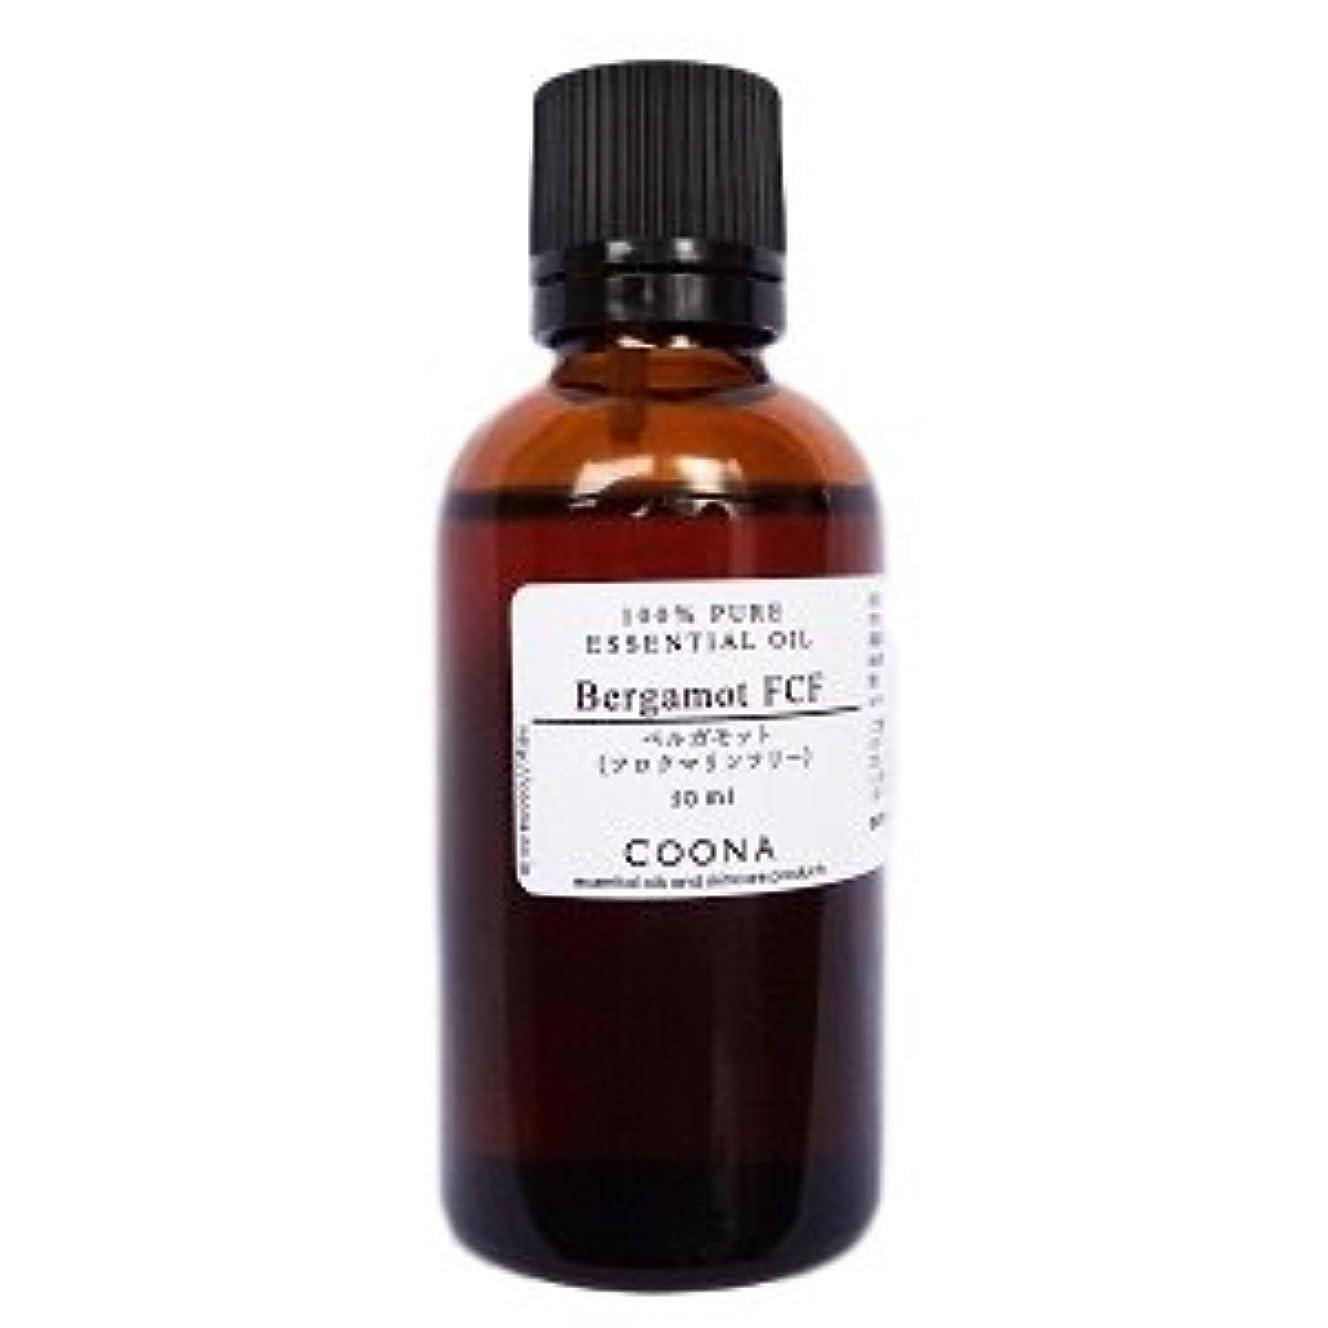 悪化するペルメル借りるベルガモット FCF 50 ml (COONA エッセンシャルオイル アロマオイル 100% 天然植物精油)